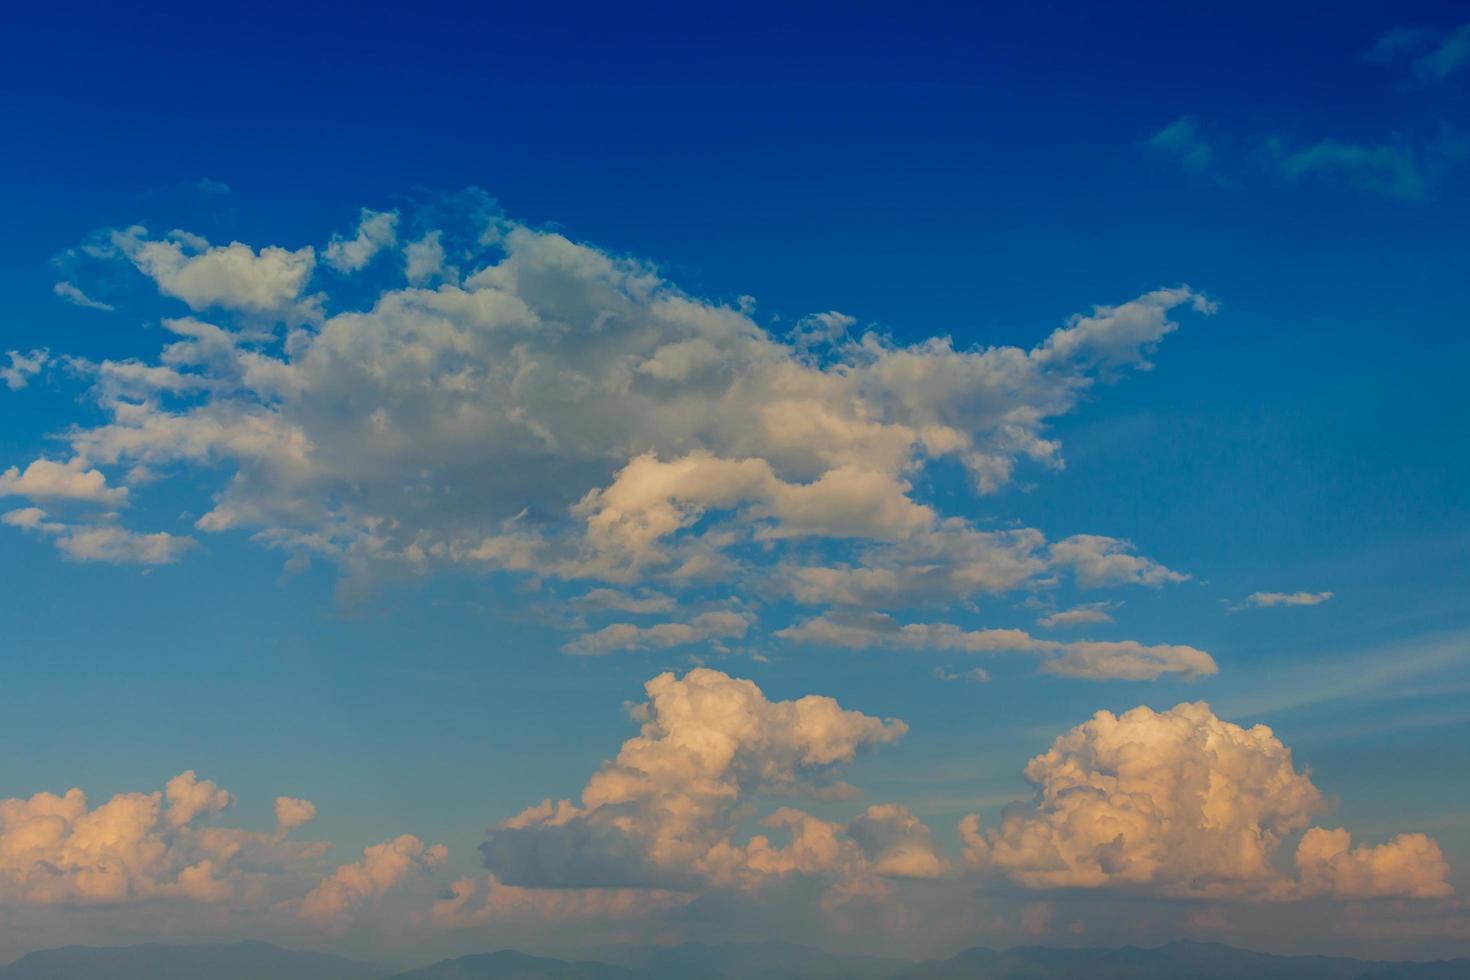 ciel bleu et nuages en mouvement photo